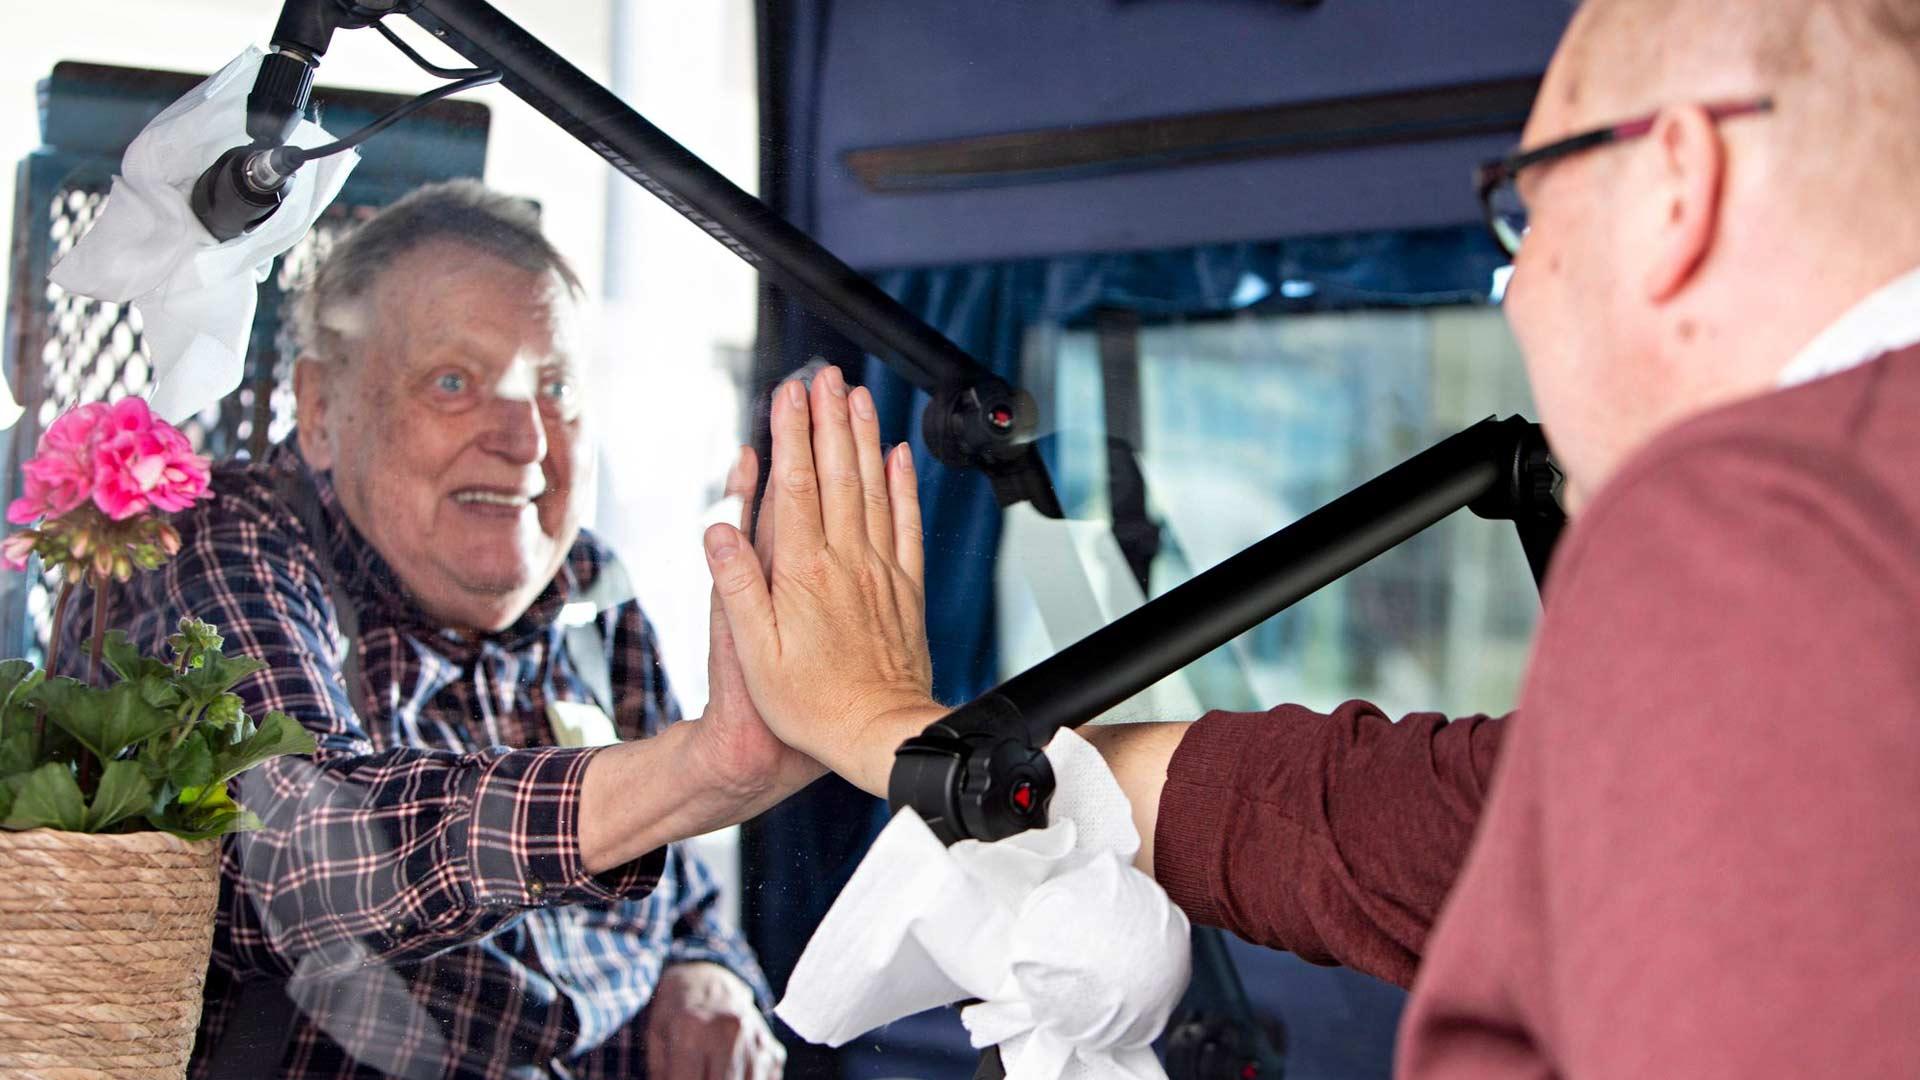 Reijo Koskinen pääsi näkemään poikansa Jari Koskisen, mikä liikutti kumpaakin miestä paljon. Tapaamisbussi on uusi keksintö ikäihmisille.